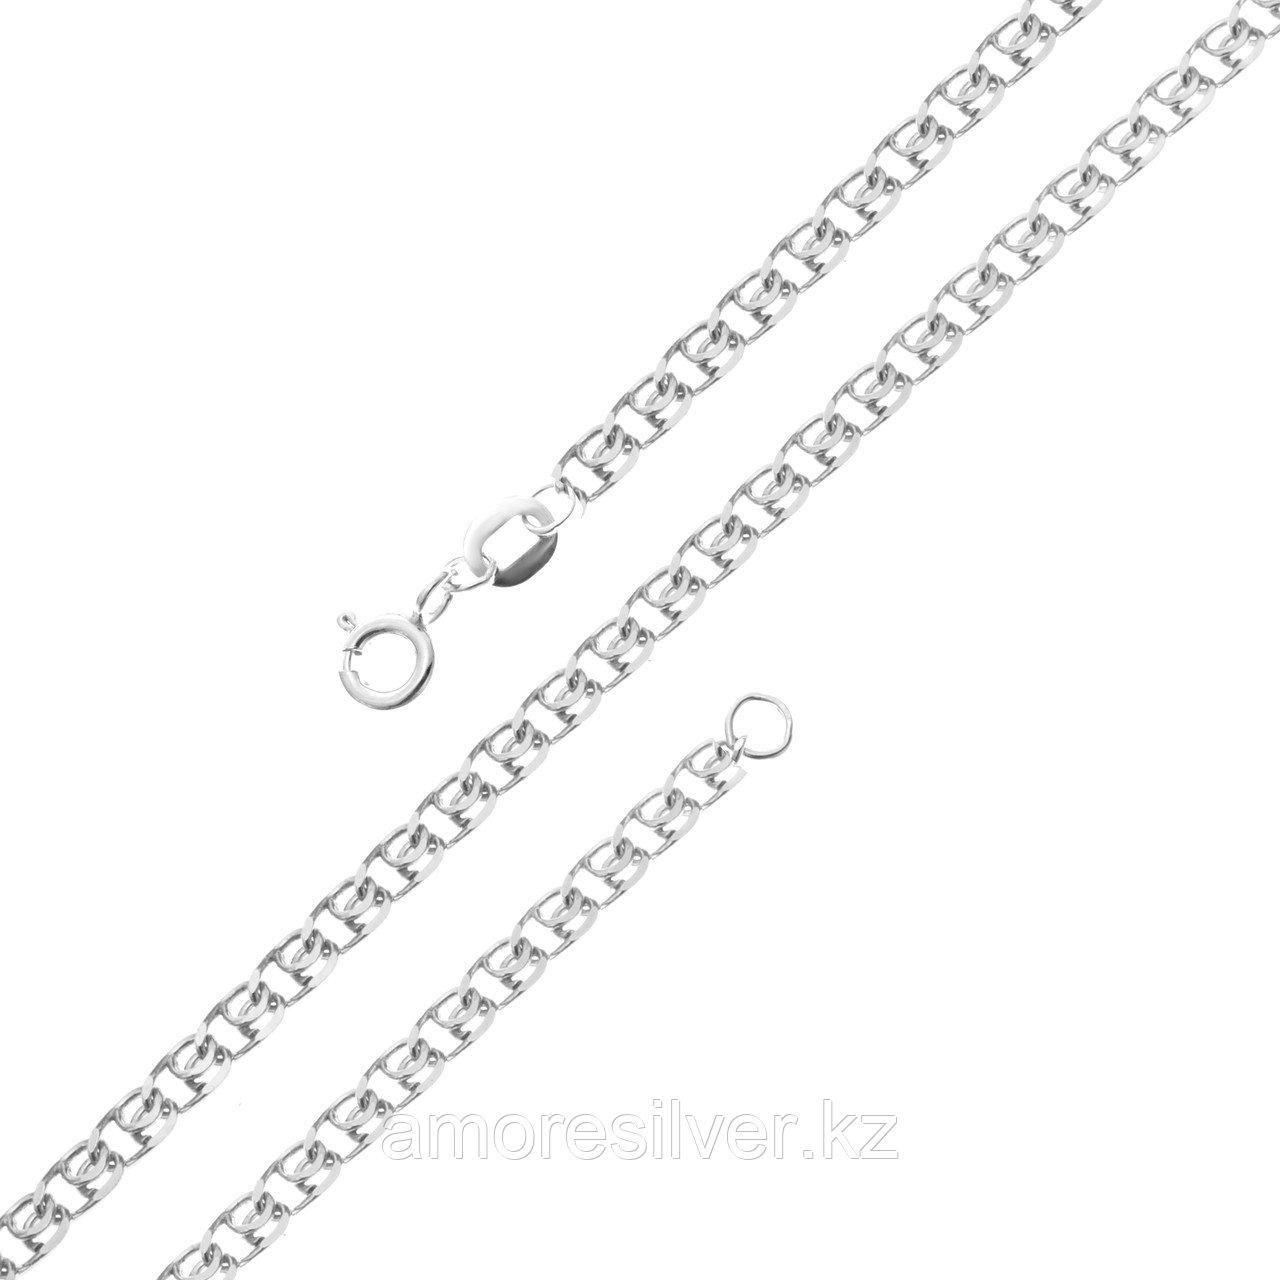 Цепь Красцветмет серебро с родием, без вставок, лав НЦ 22-087-3-035 размеры - 40 45 50 55 60